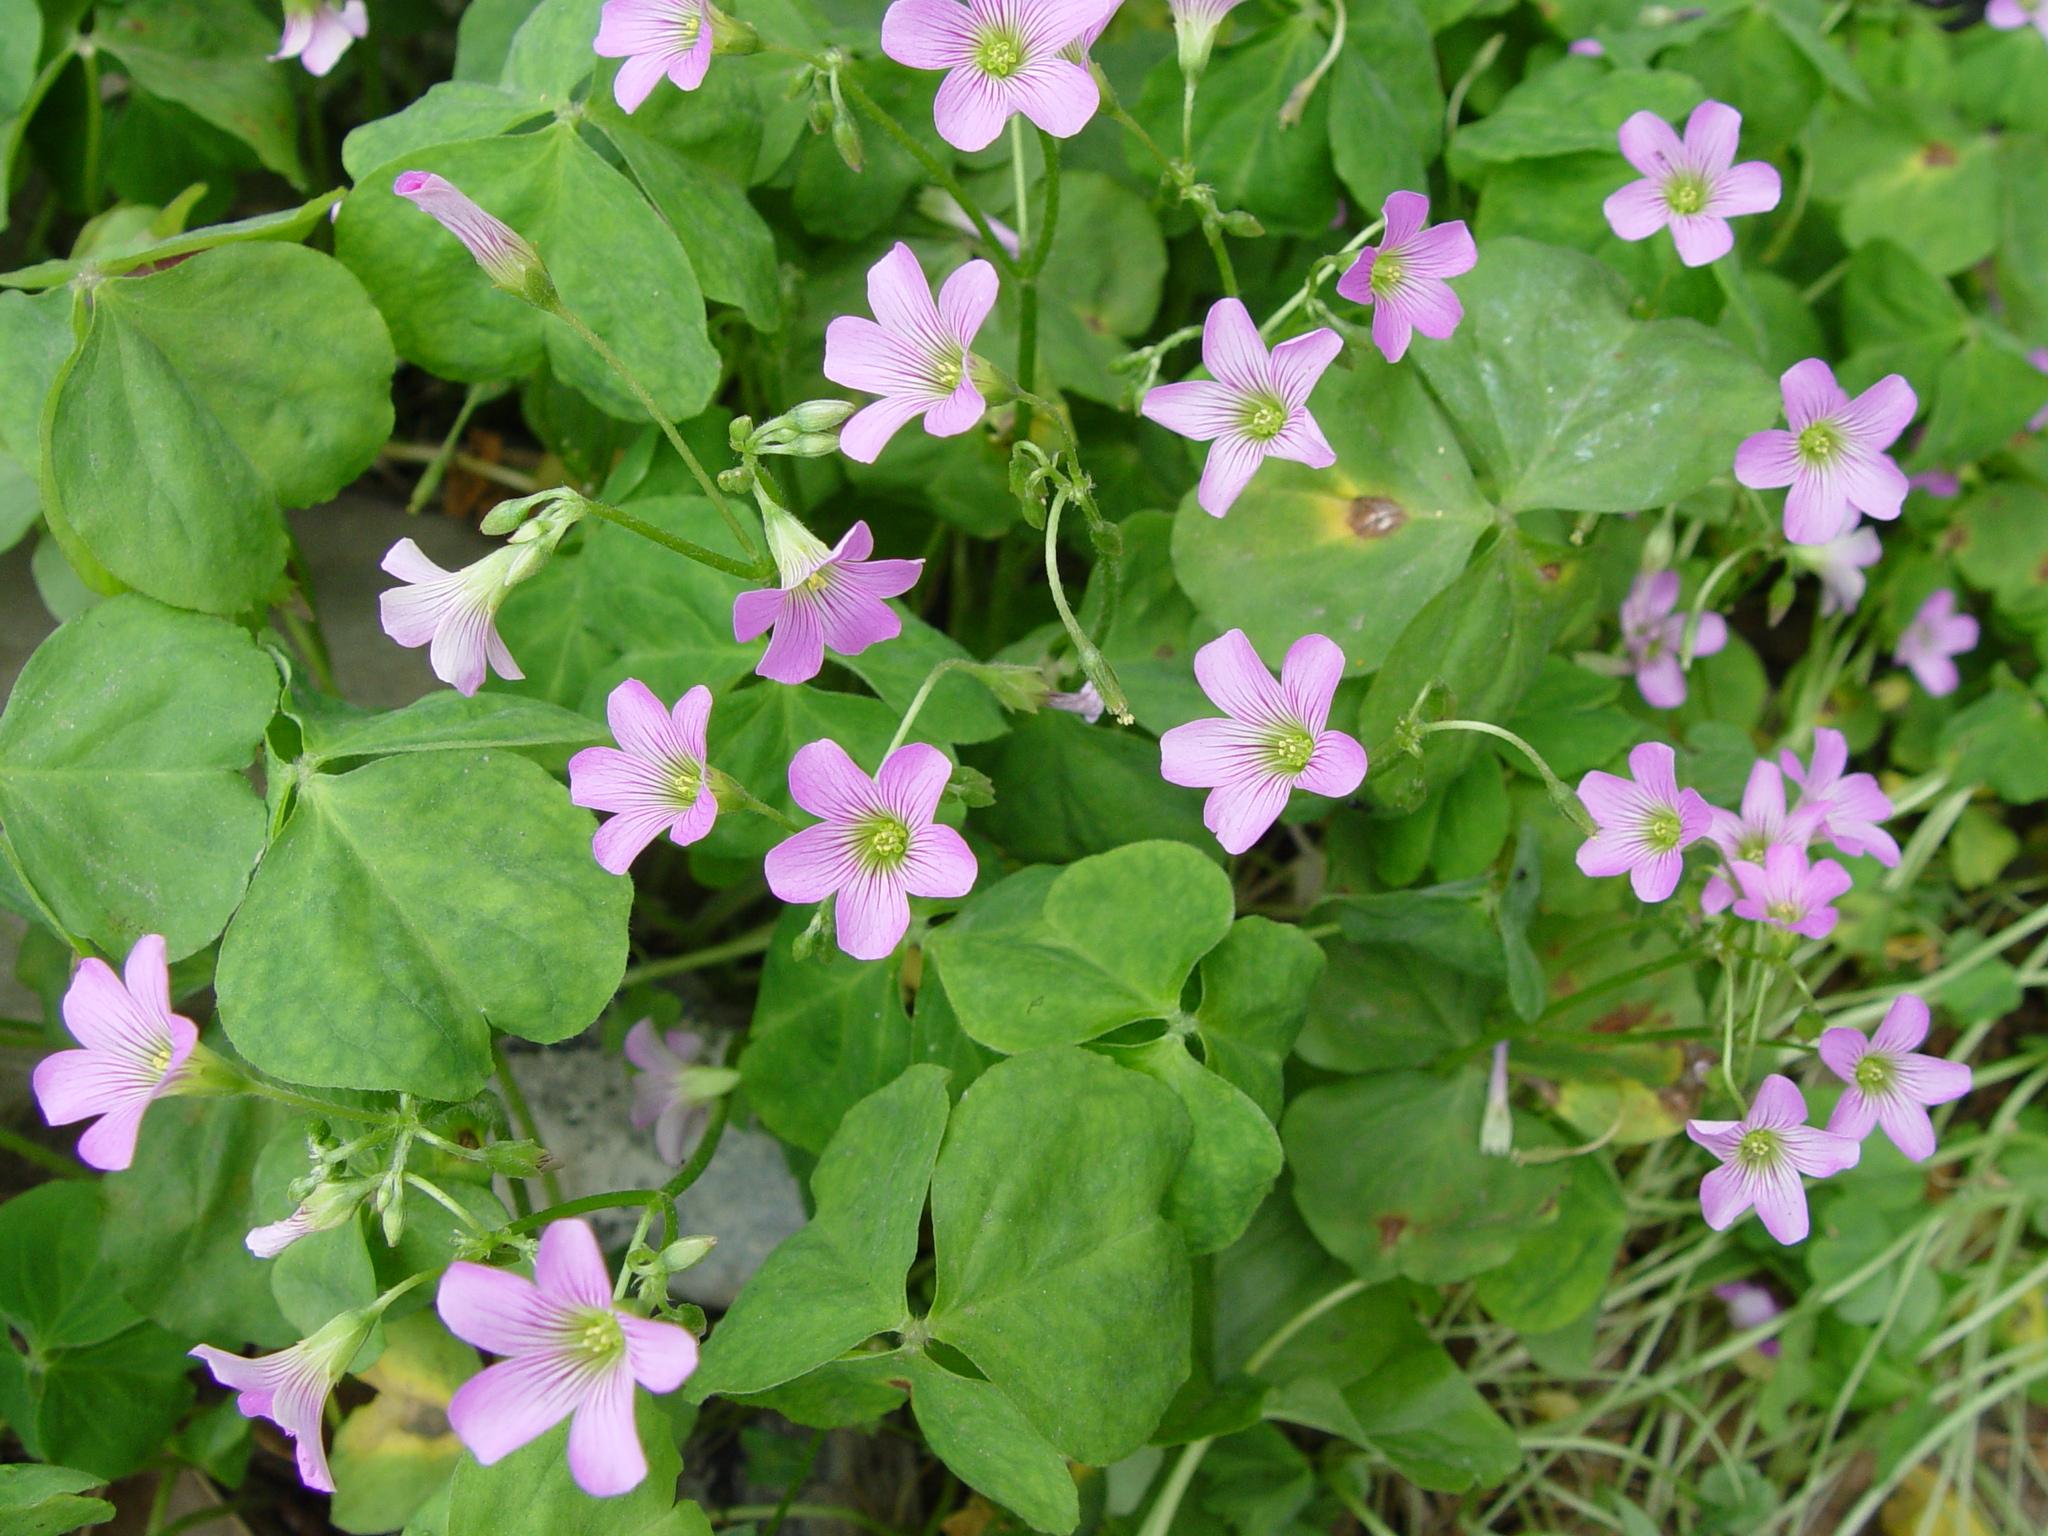 09 some pretty flowers in the farm cg mightylinksfo